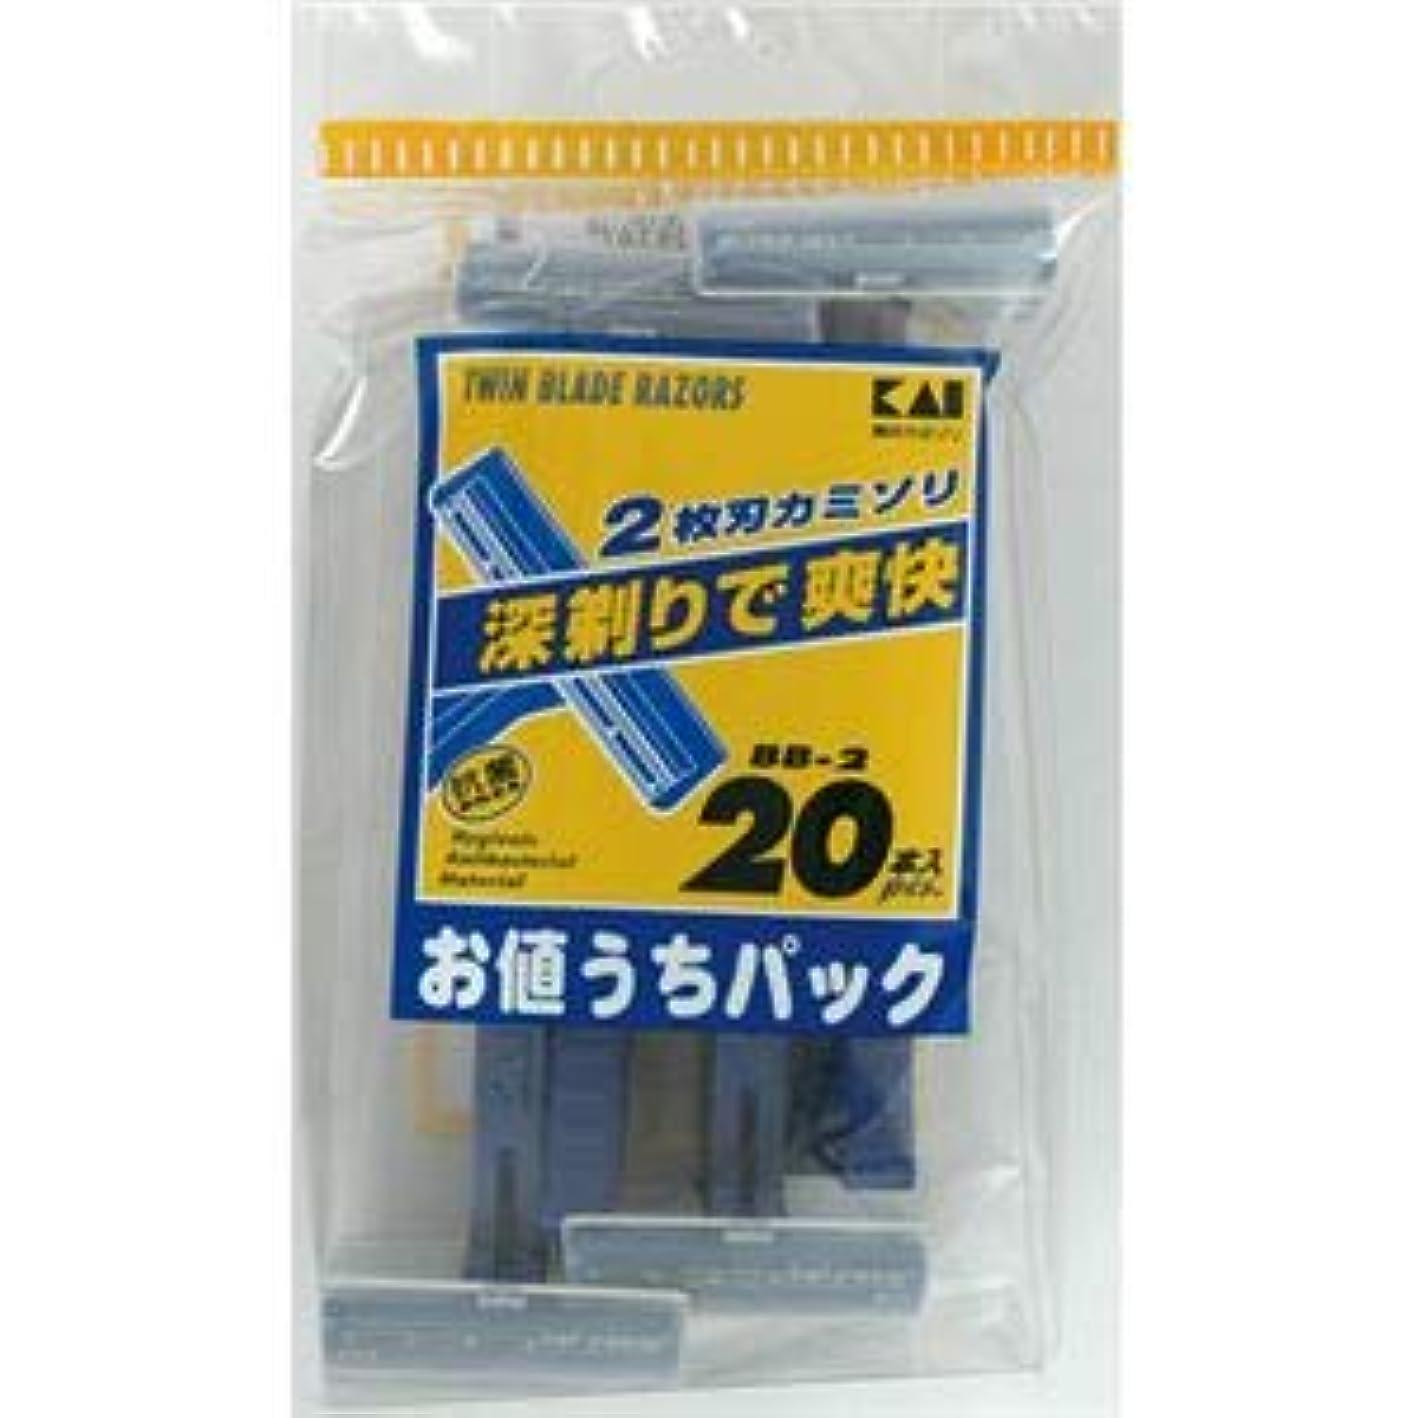 オートマトンこどもの日ブース(業務用20セット) 貝印 BB-2 2枚刃カミソリ 20本